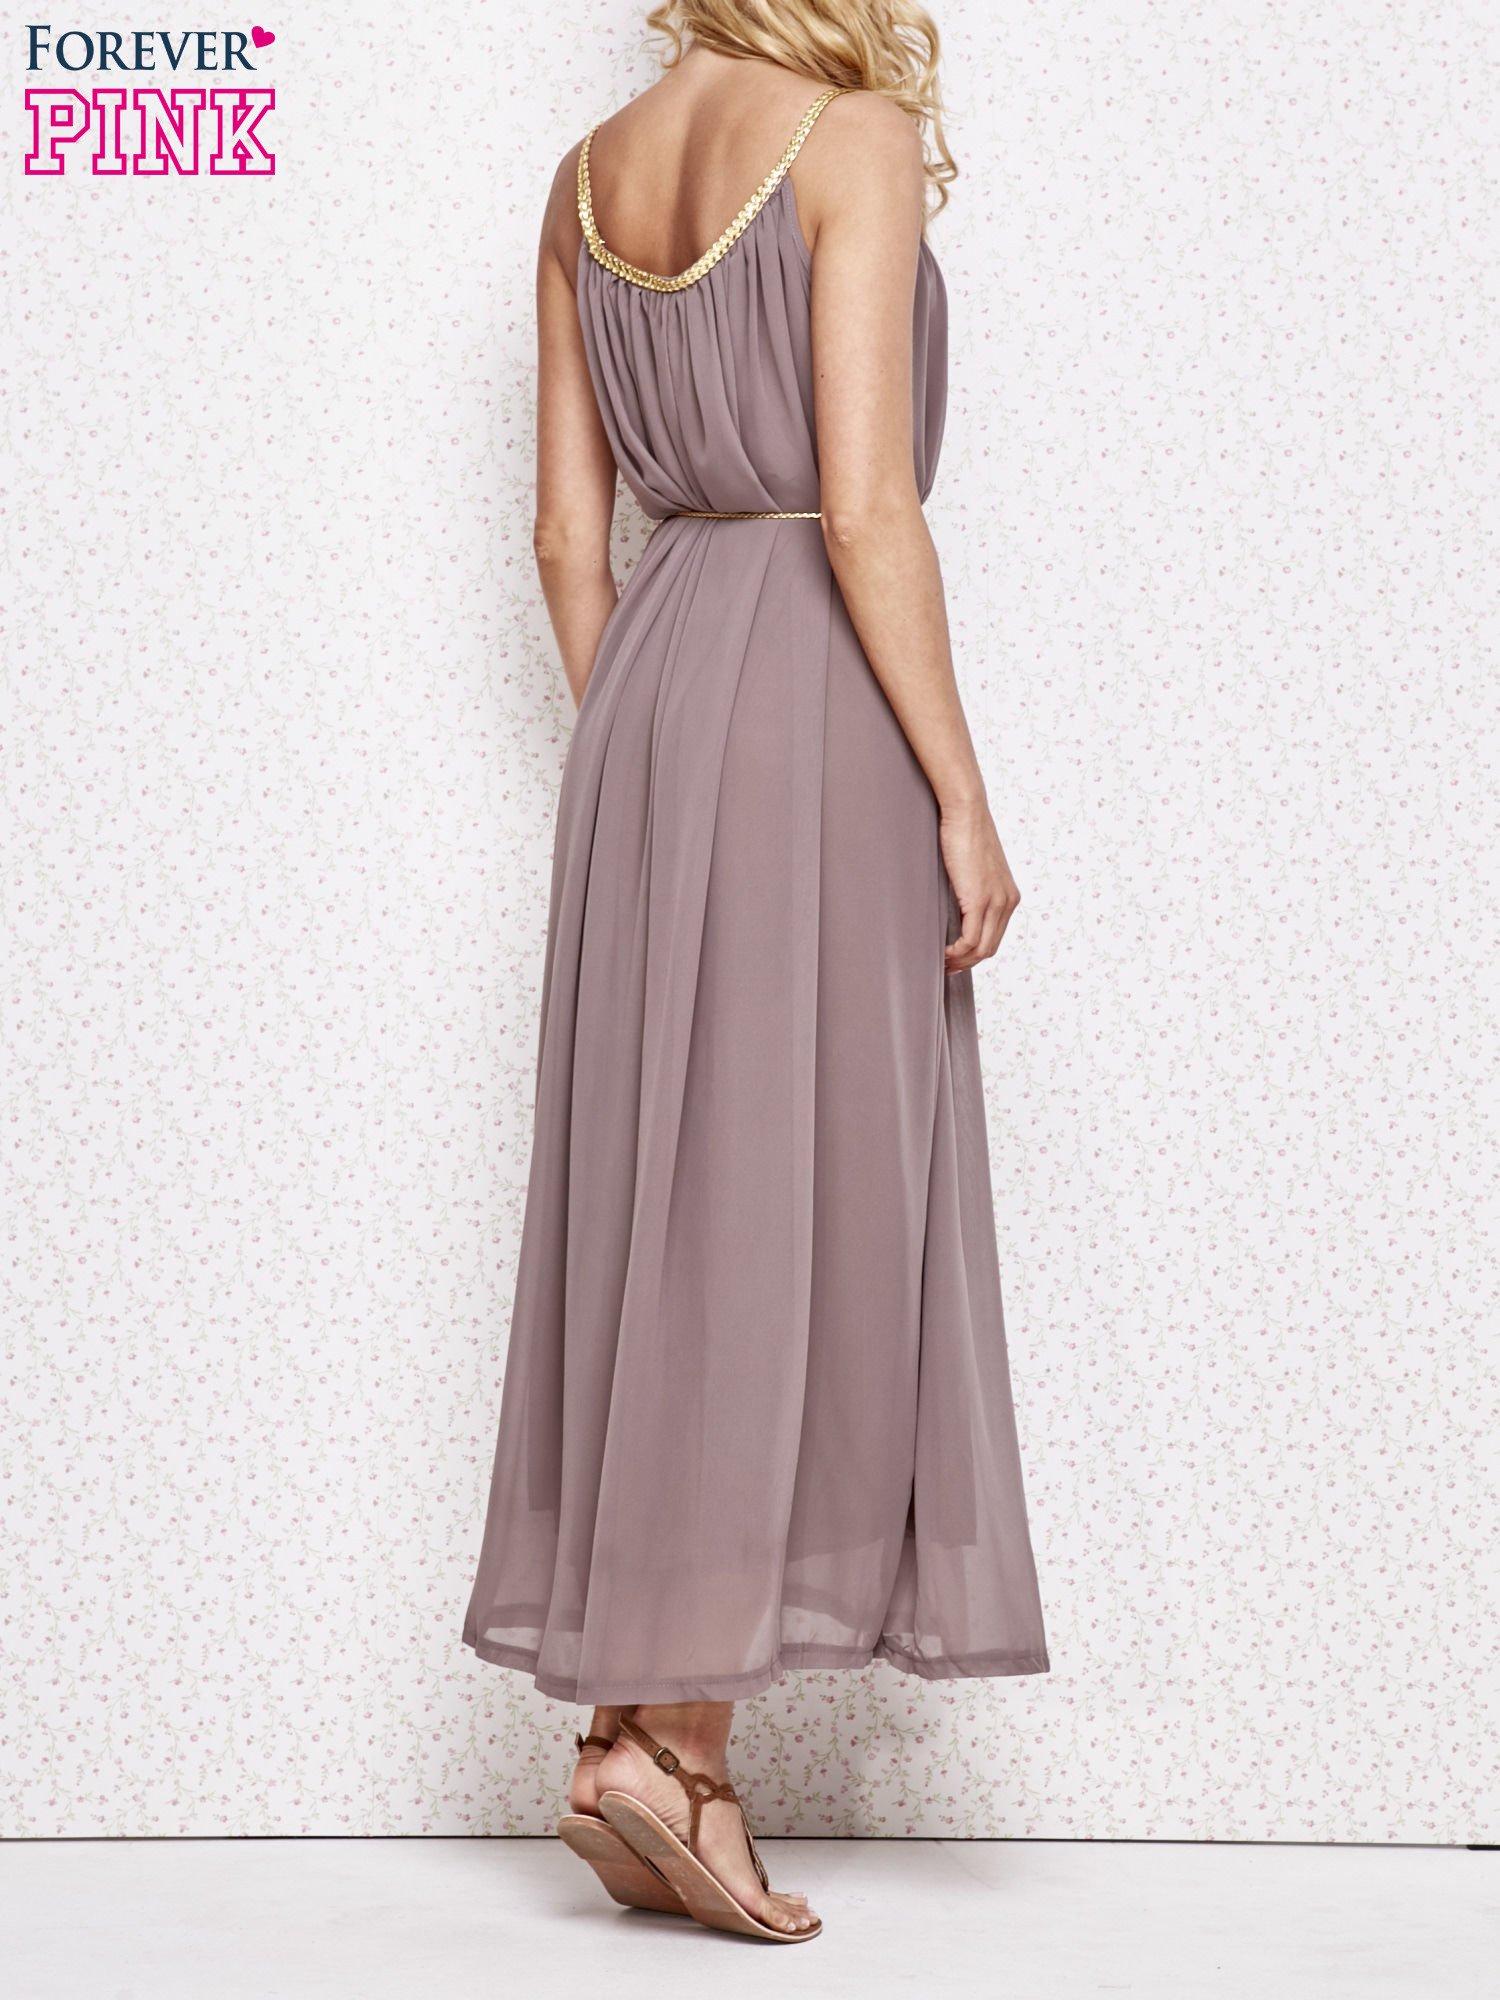 Brązowa grecka sukienka maxi ze złotym paskiem                                  zdj.                                  4